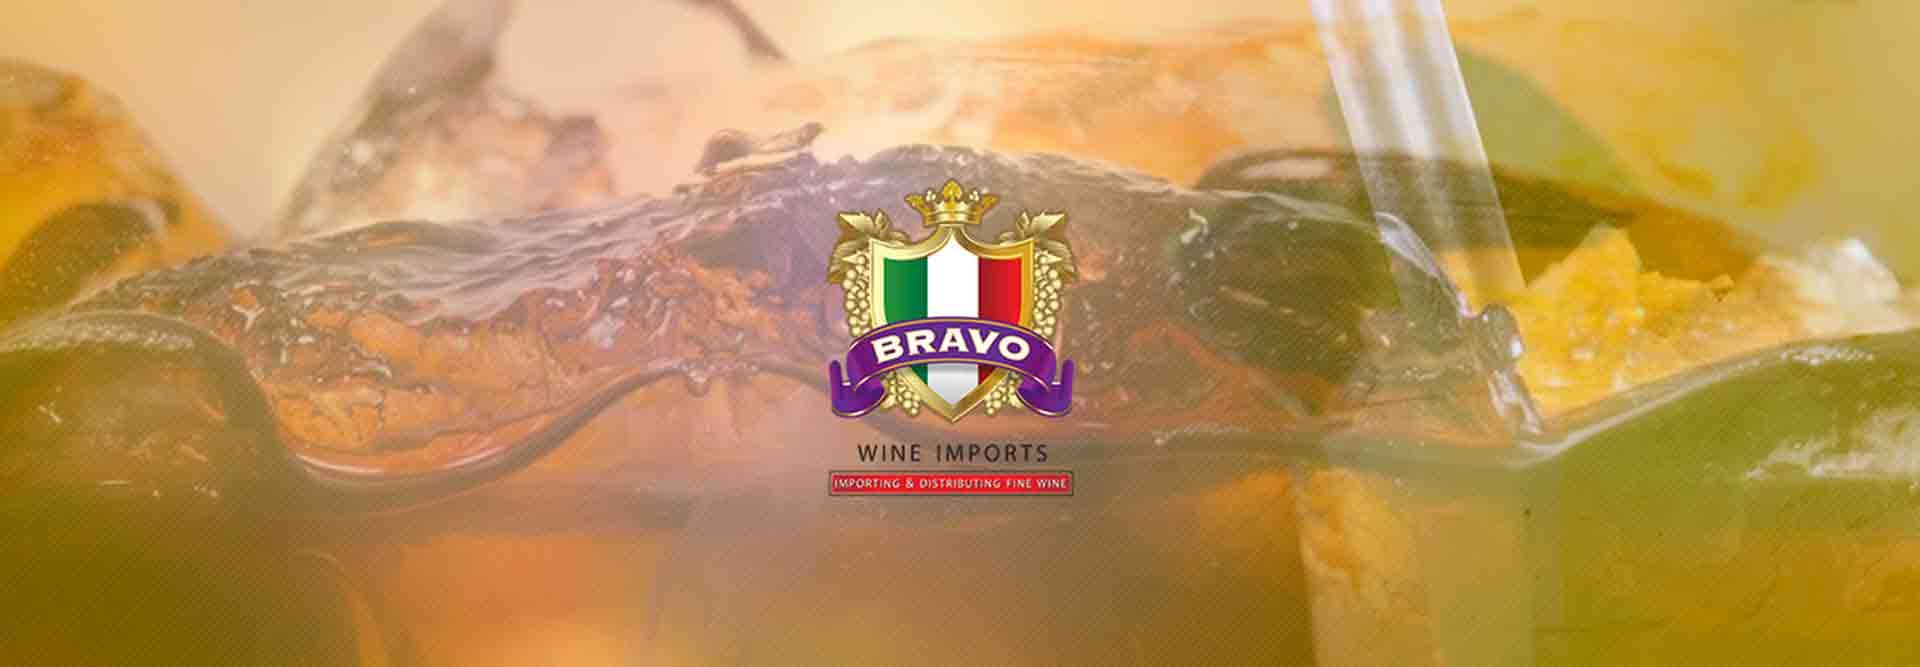 Bravowineimports-ban